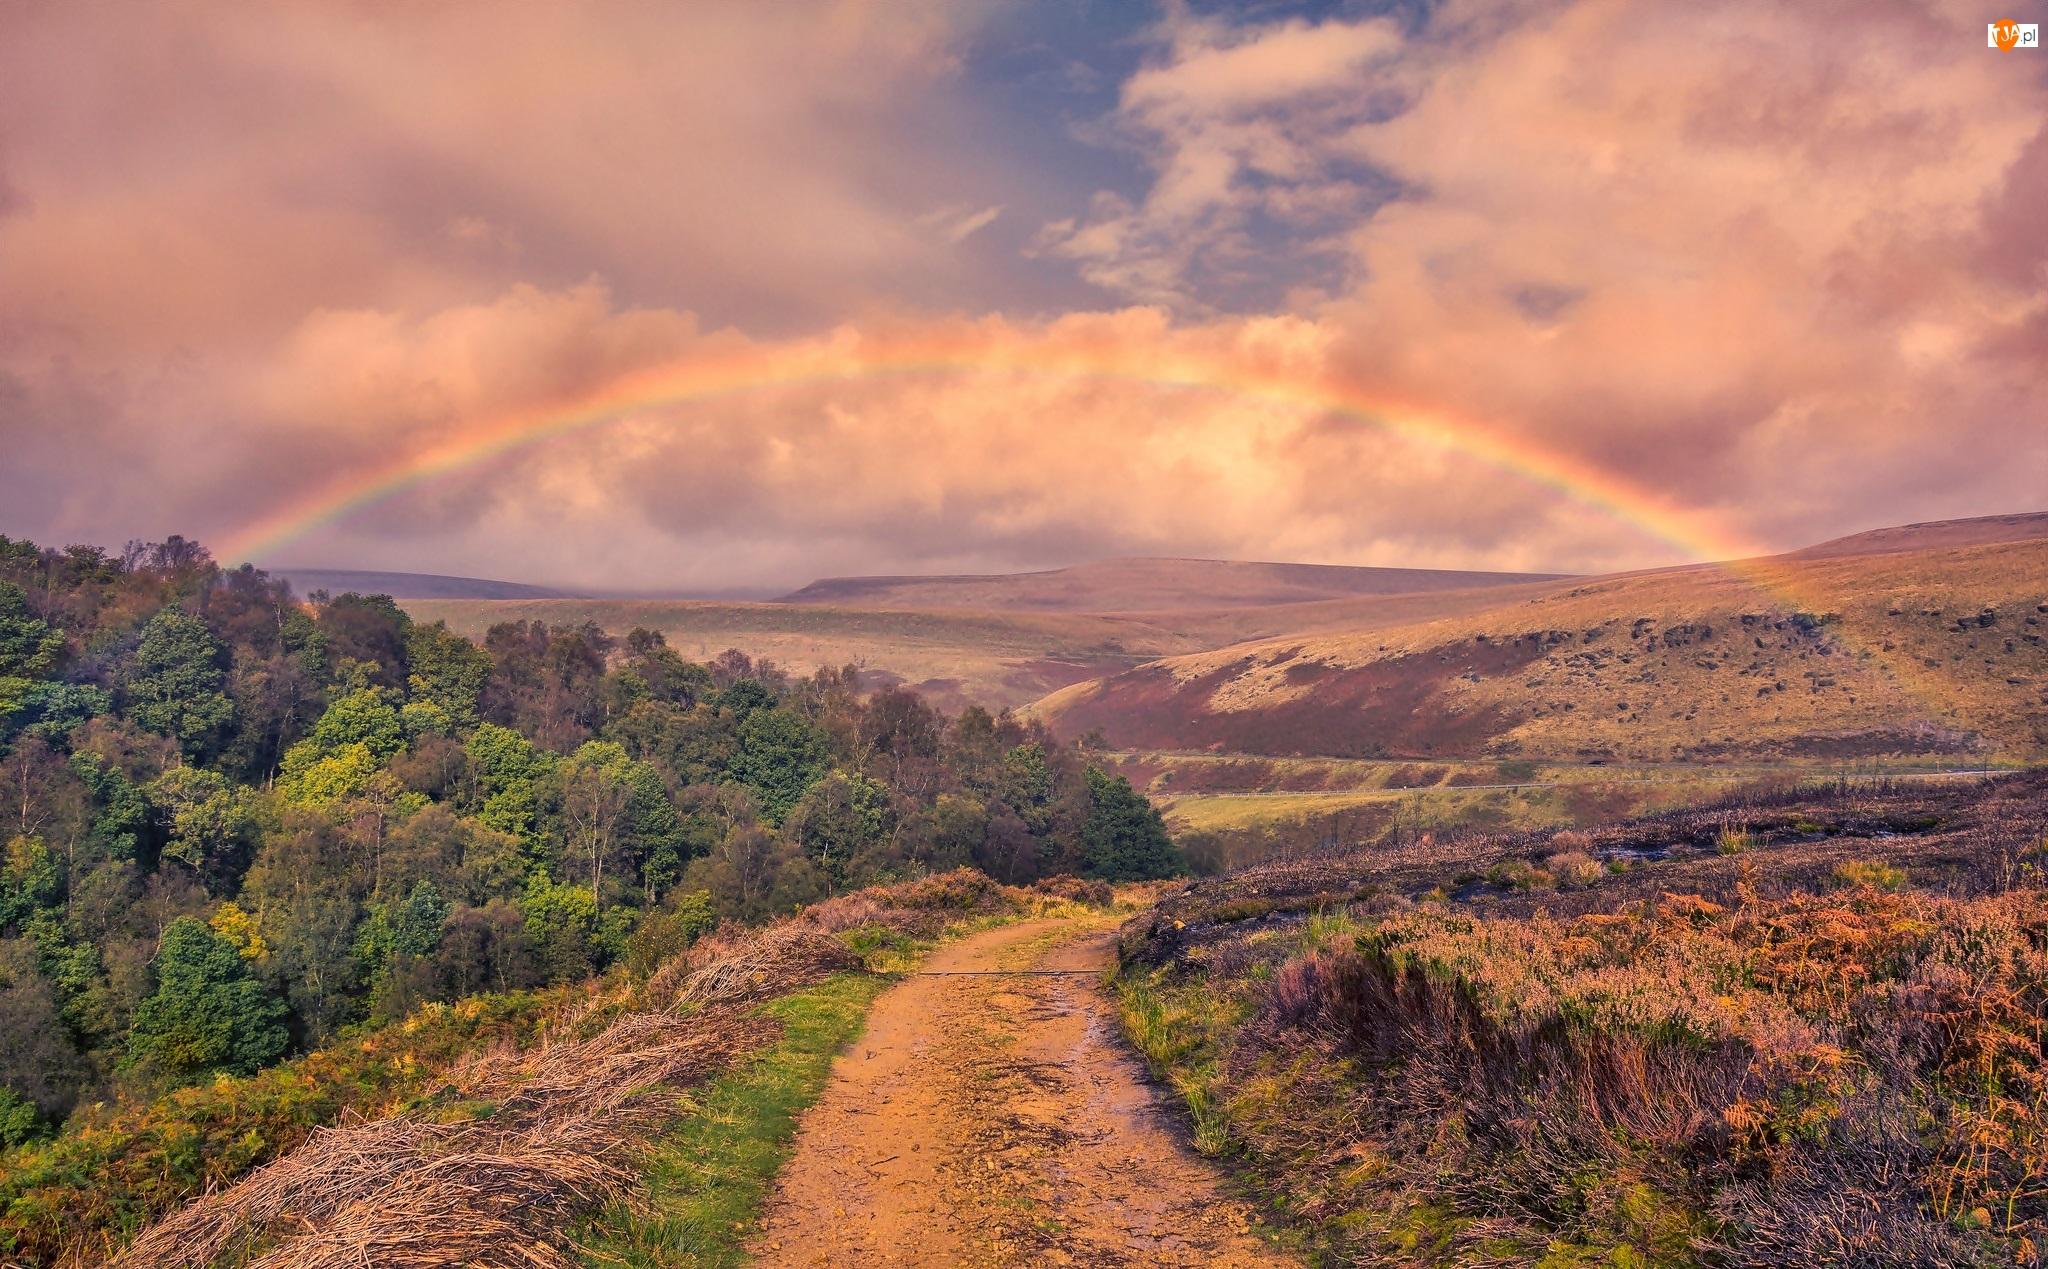 Las, Wzgórza, Drzewa, Hrabstwo Derbyshire, Dolina Longdendale, Anglia, Droga, Park Narodowy Peak District, Tęcza